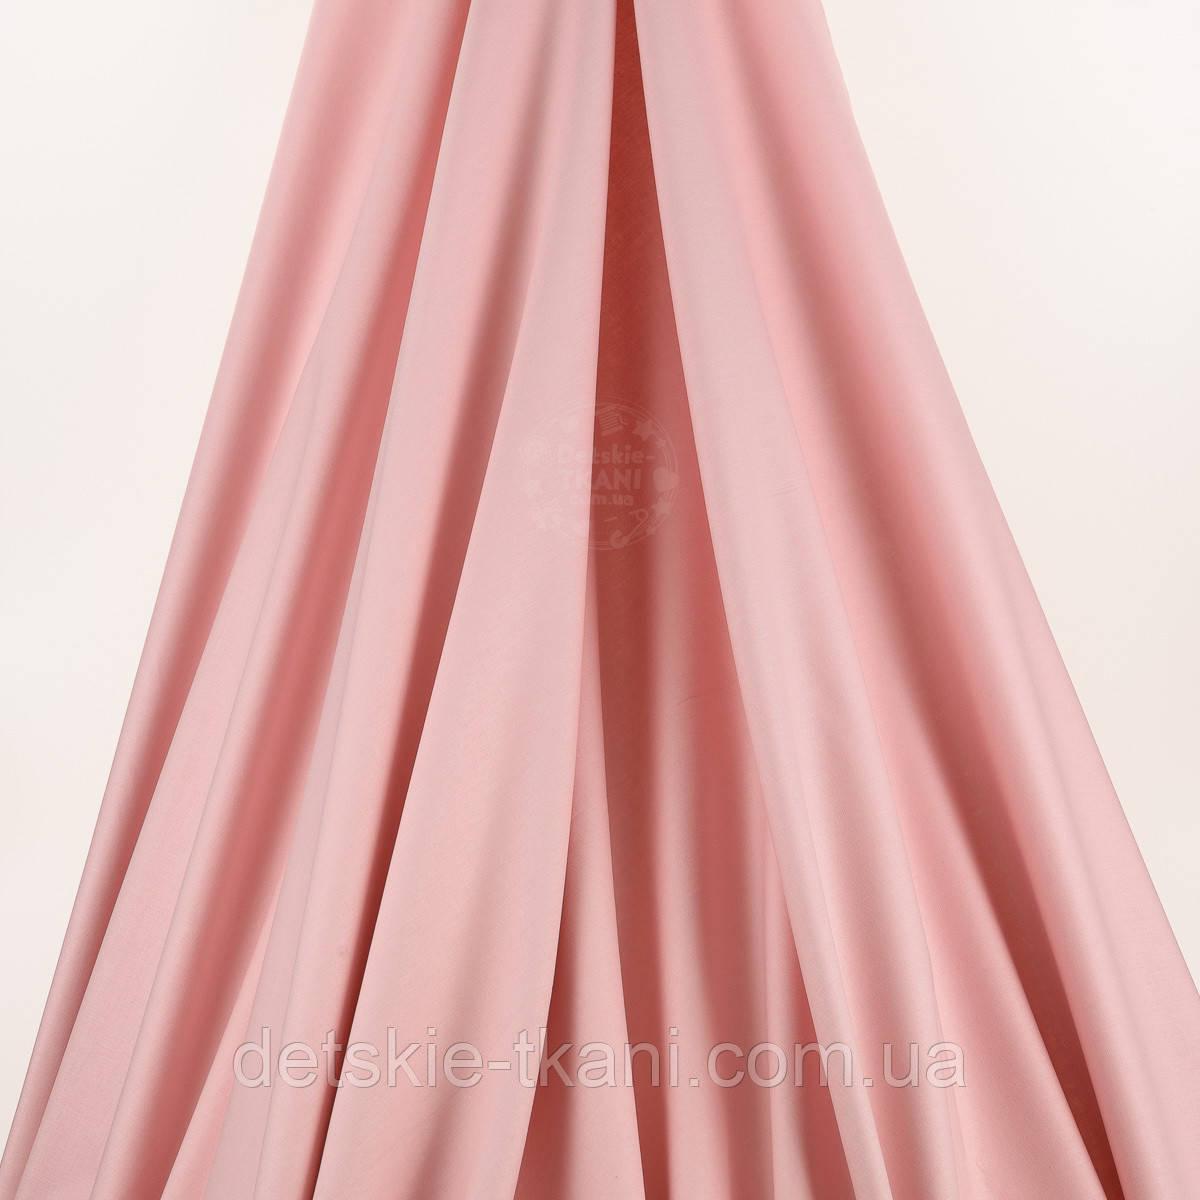 Лоскут  поплина цвет дымчатой розы № 1359, размер 39*120 см